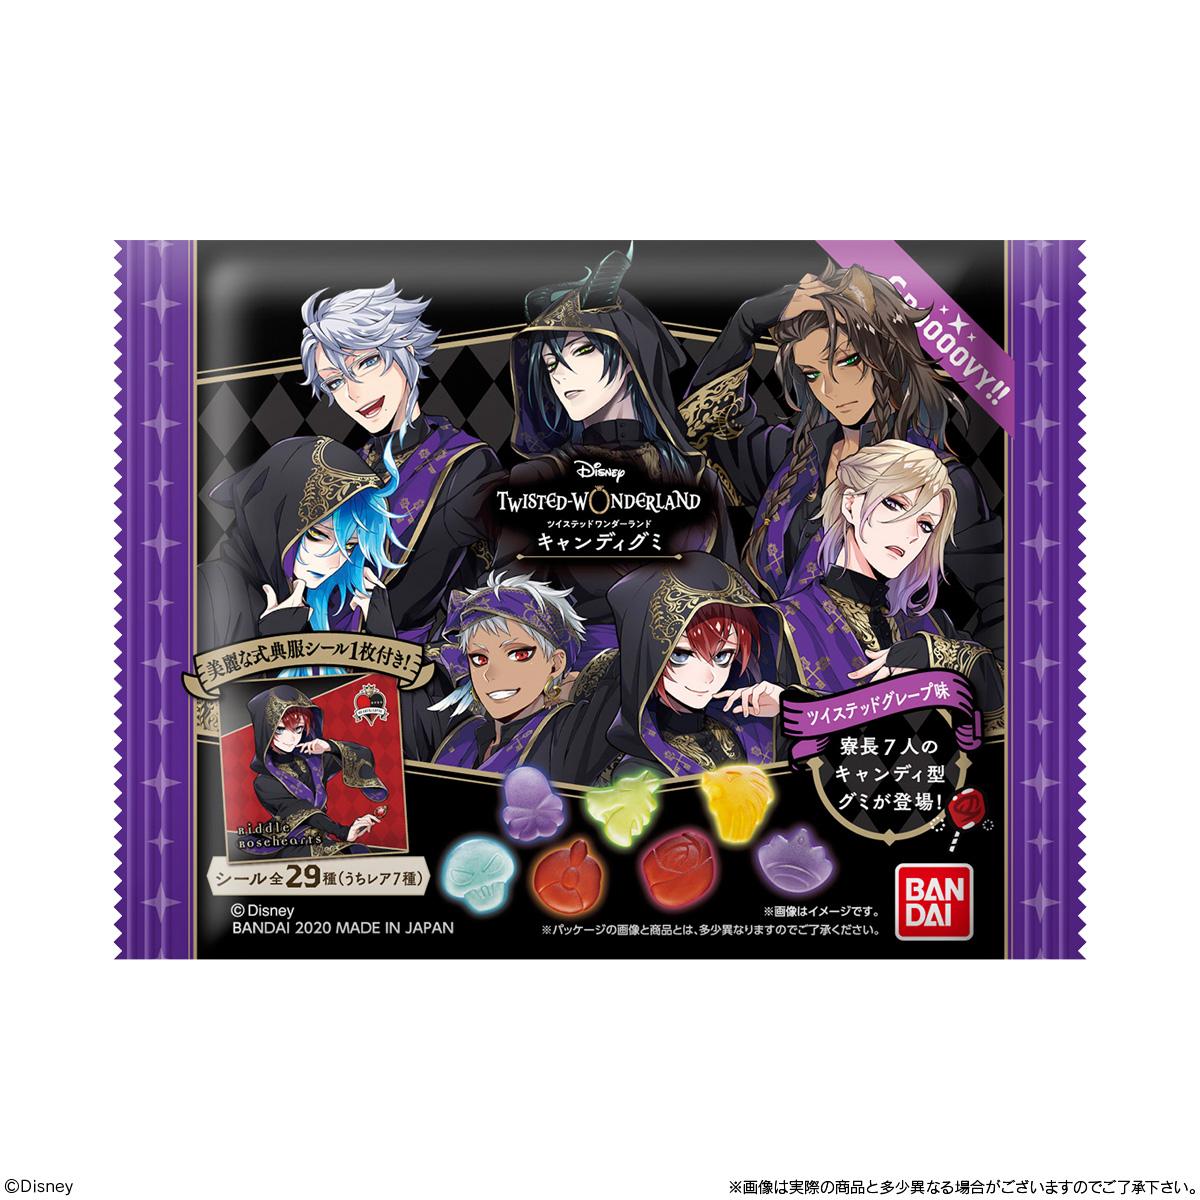 【食玩】ツイステ『ディズニー ツイステッドワンダーランド キャンディグミ』12個入りBOX-010